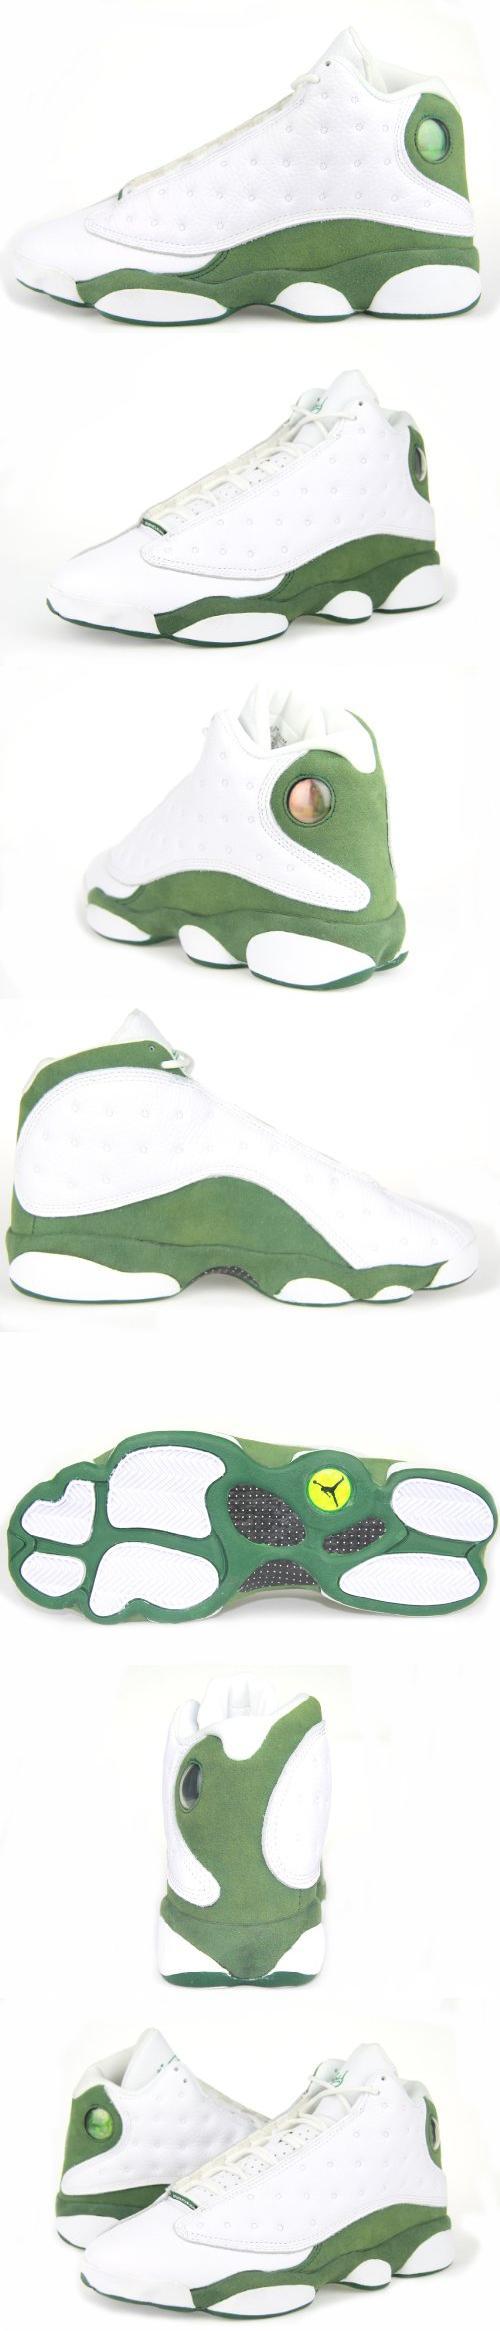 1000+ images about Jordans on Pinterest | Jordans, Air Jordans and Air Jordan Retro